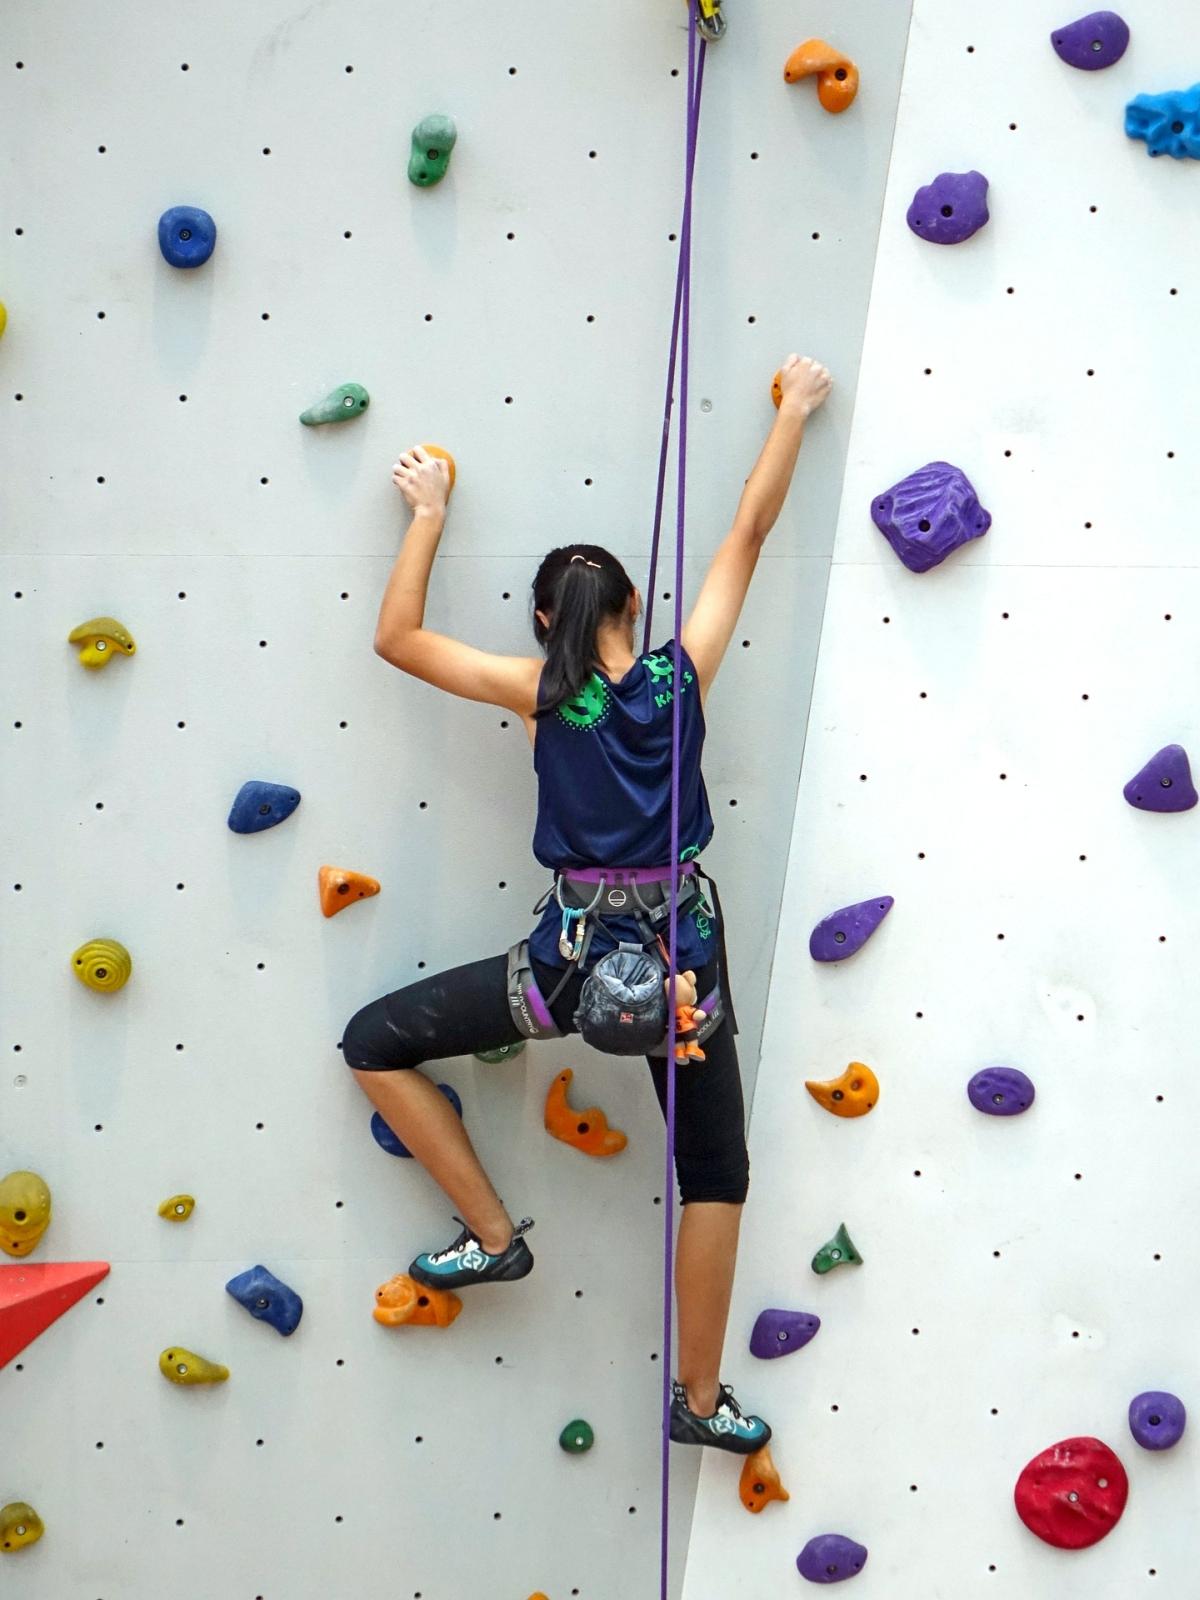 Klettern mit Seil